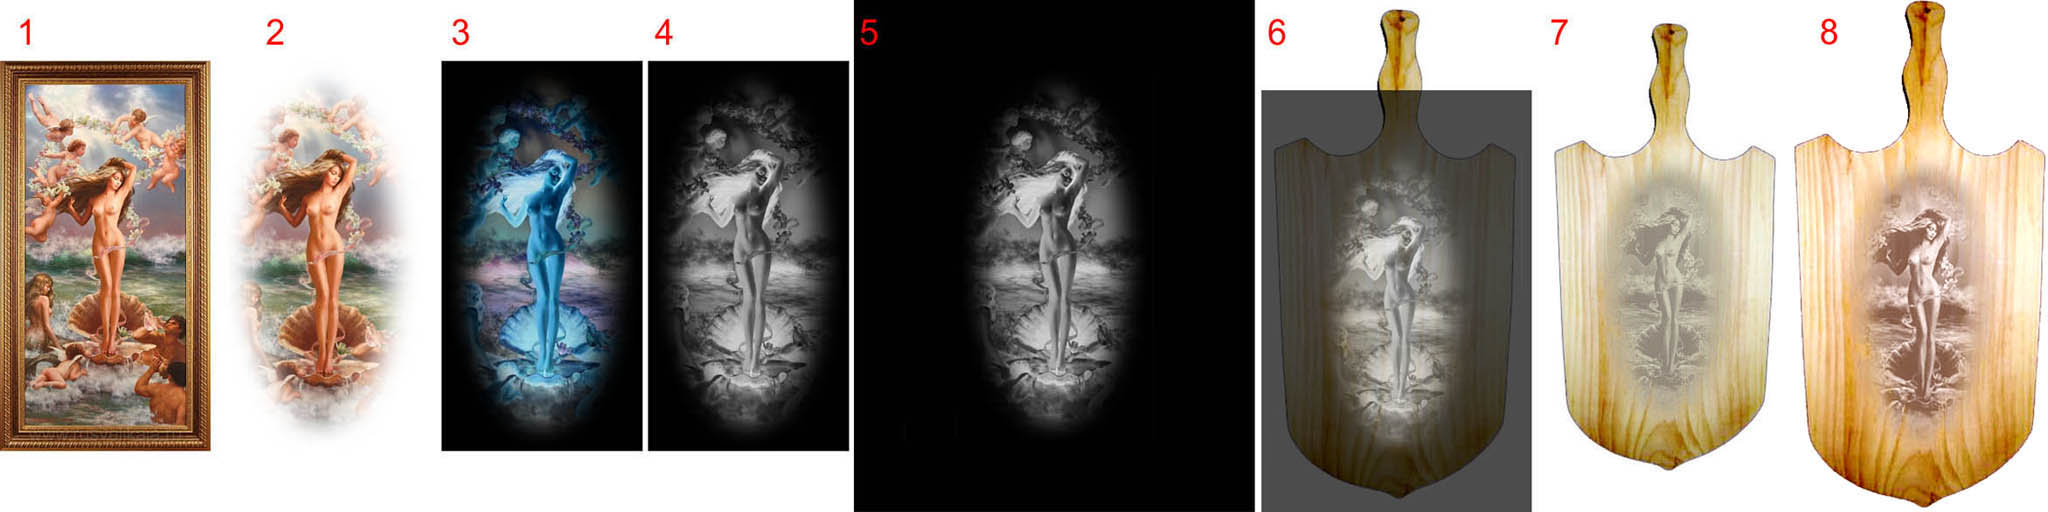 Получение полутонового изображения на деревянной разделочной доске фотоспособом